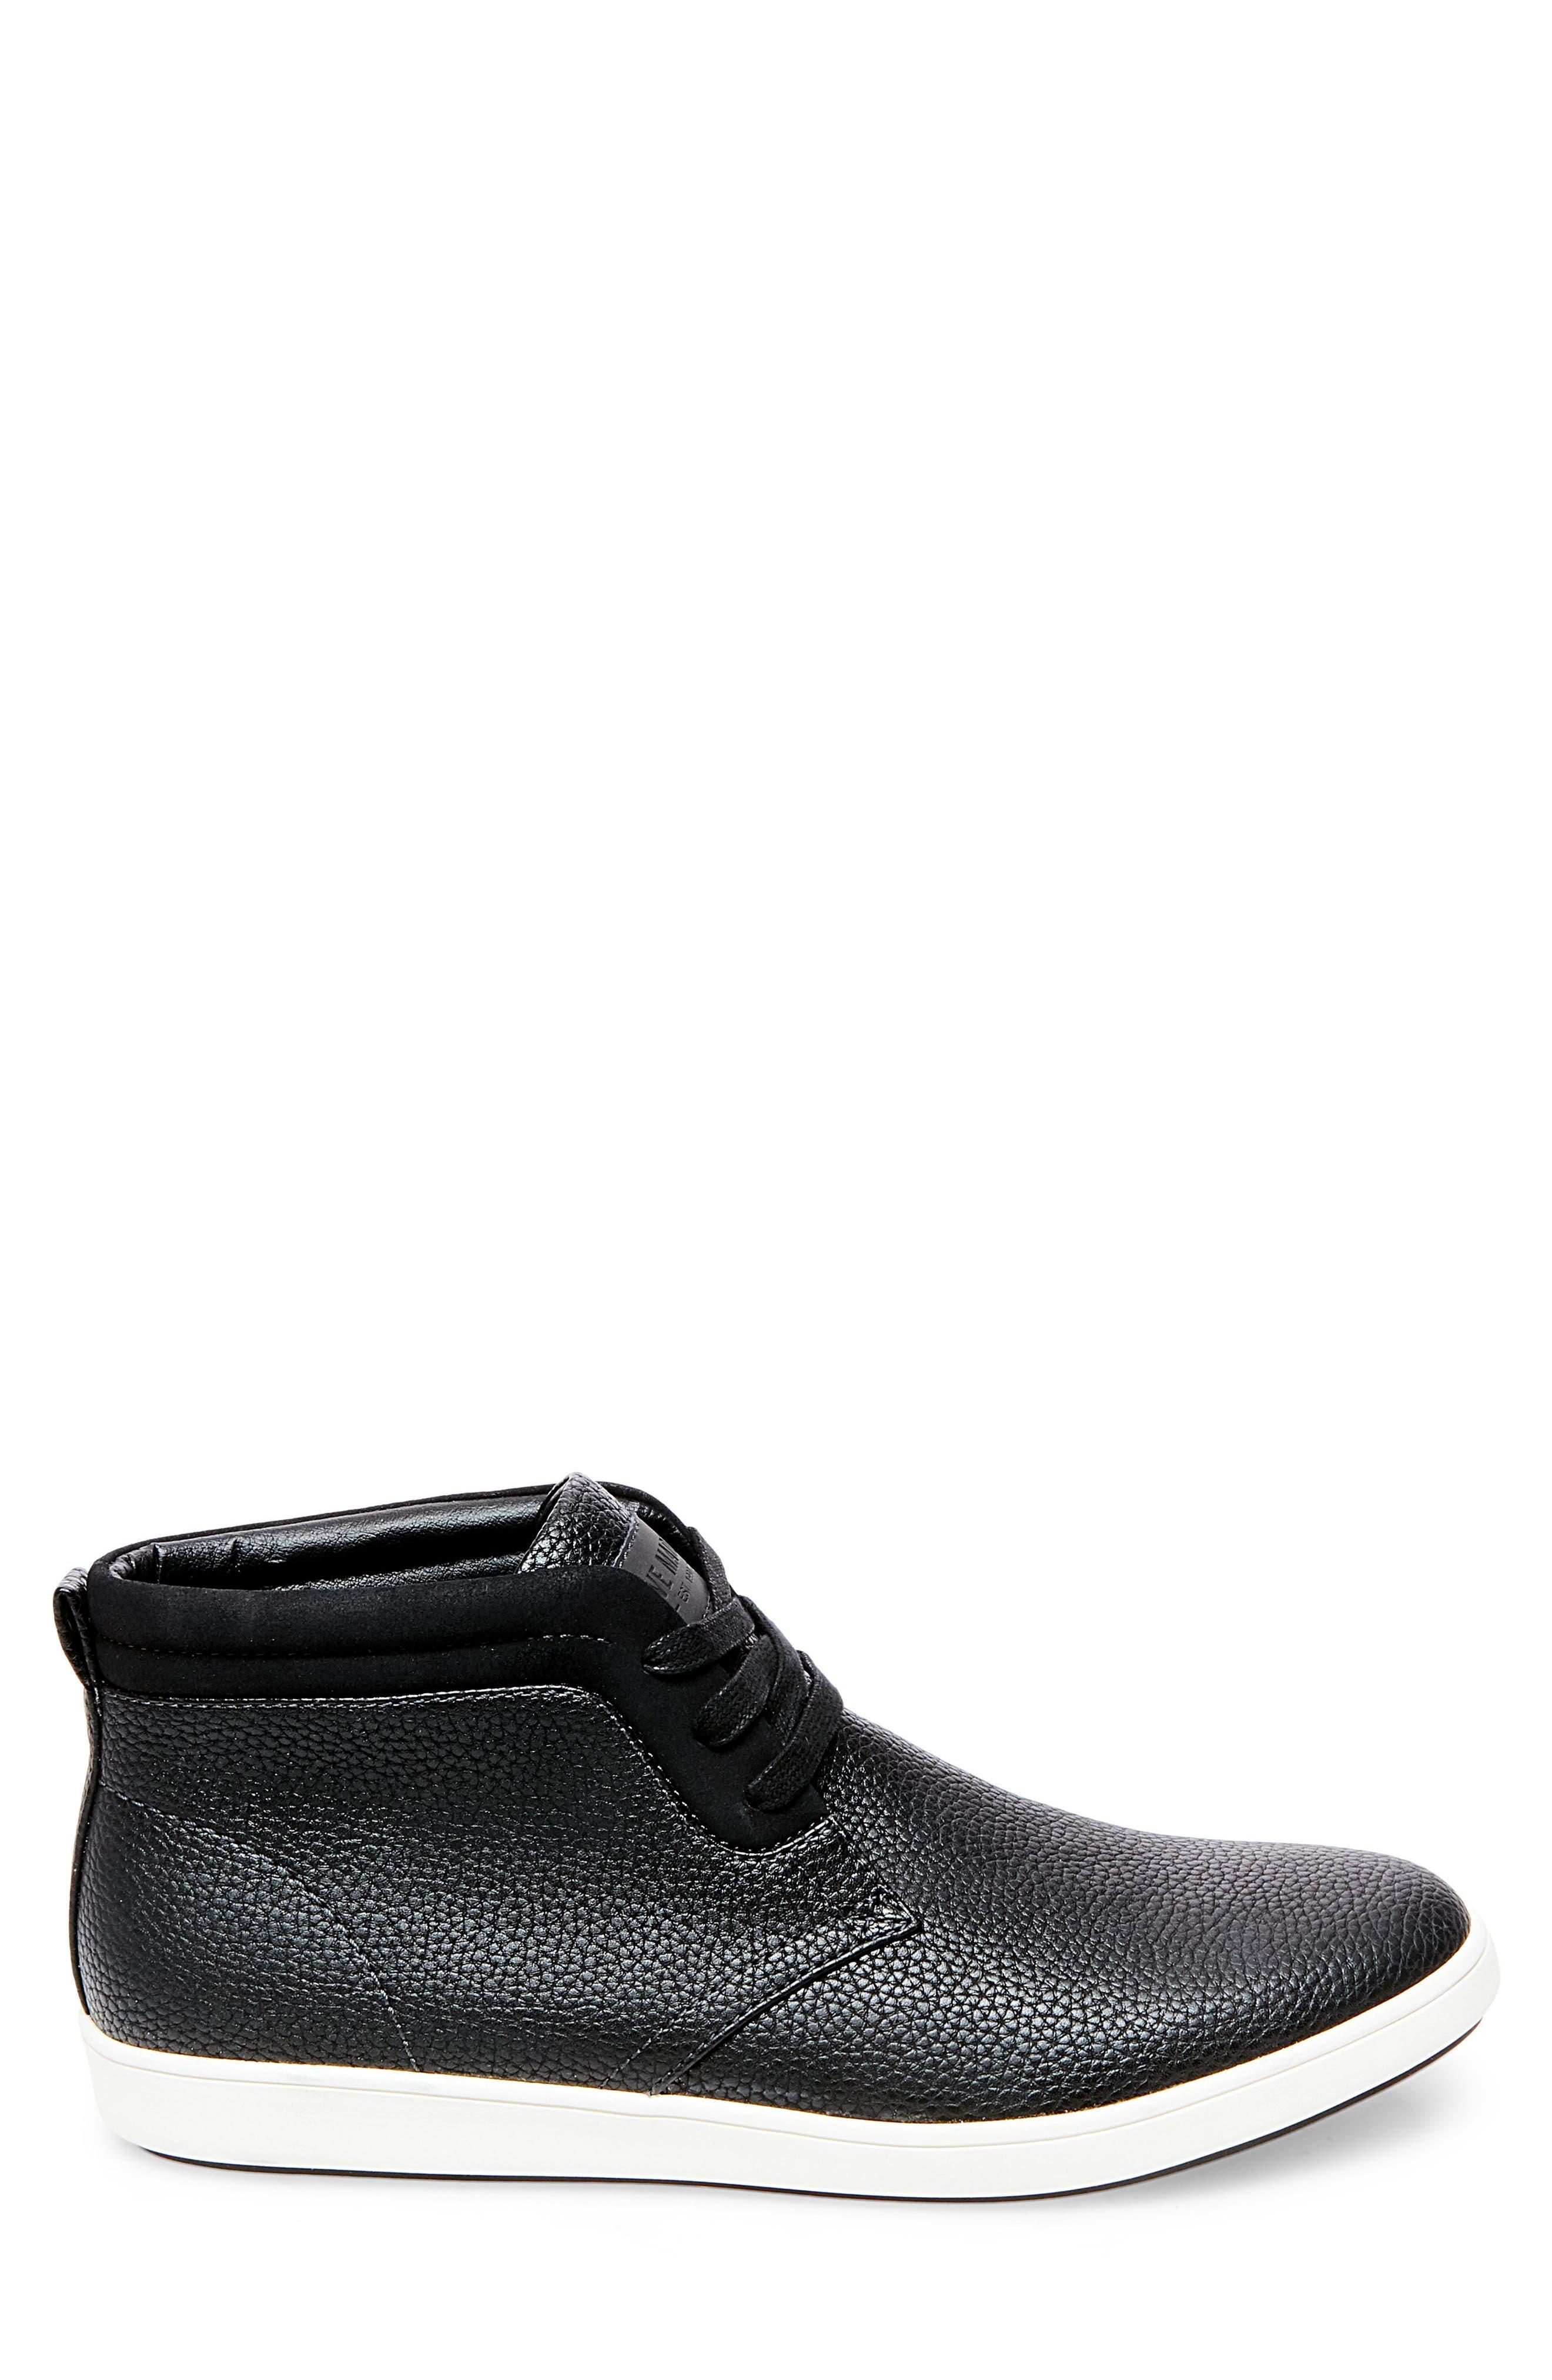 Alternate Image 3  - Steve Madden Fenway Sneaker (Men)